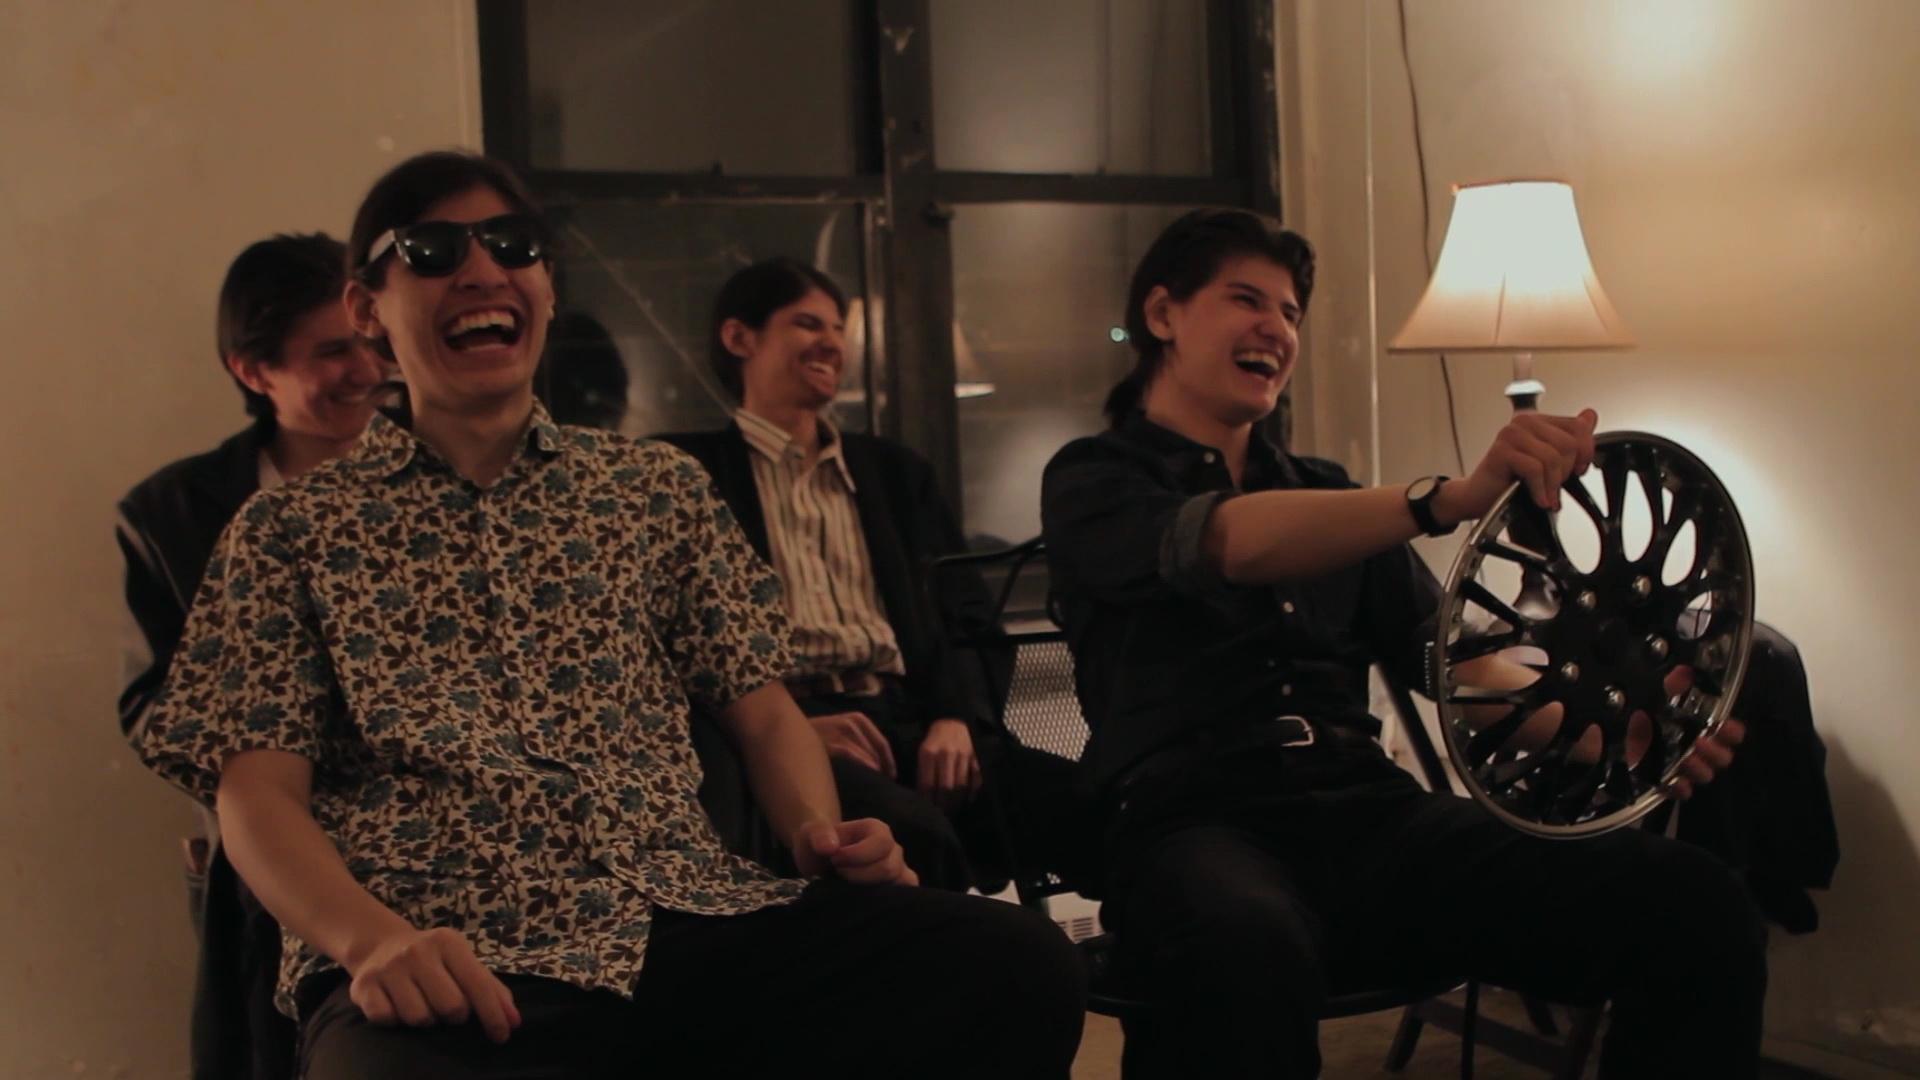 Cena do documentário 'The Wolfpack'